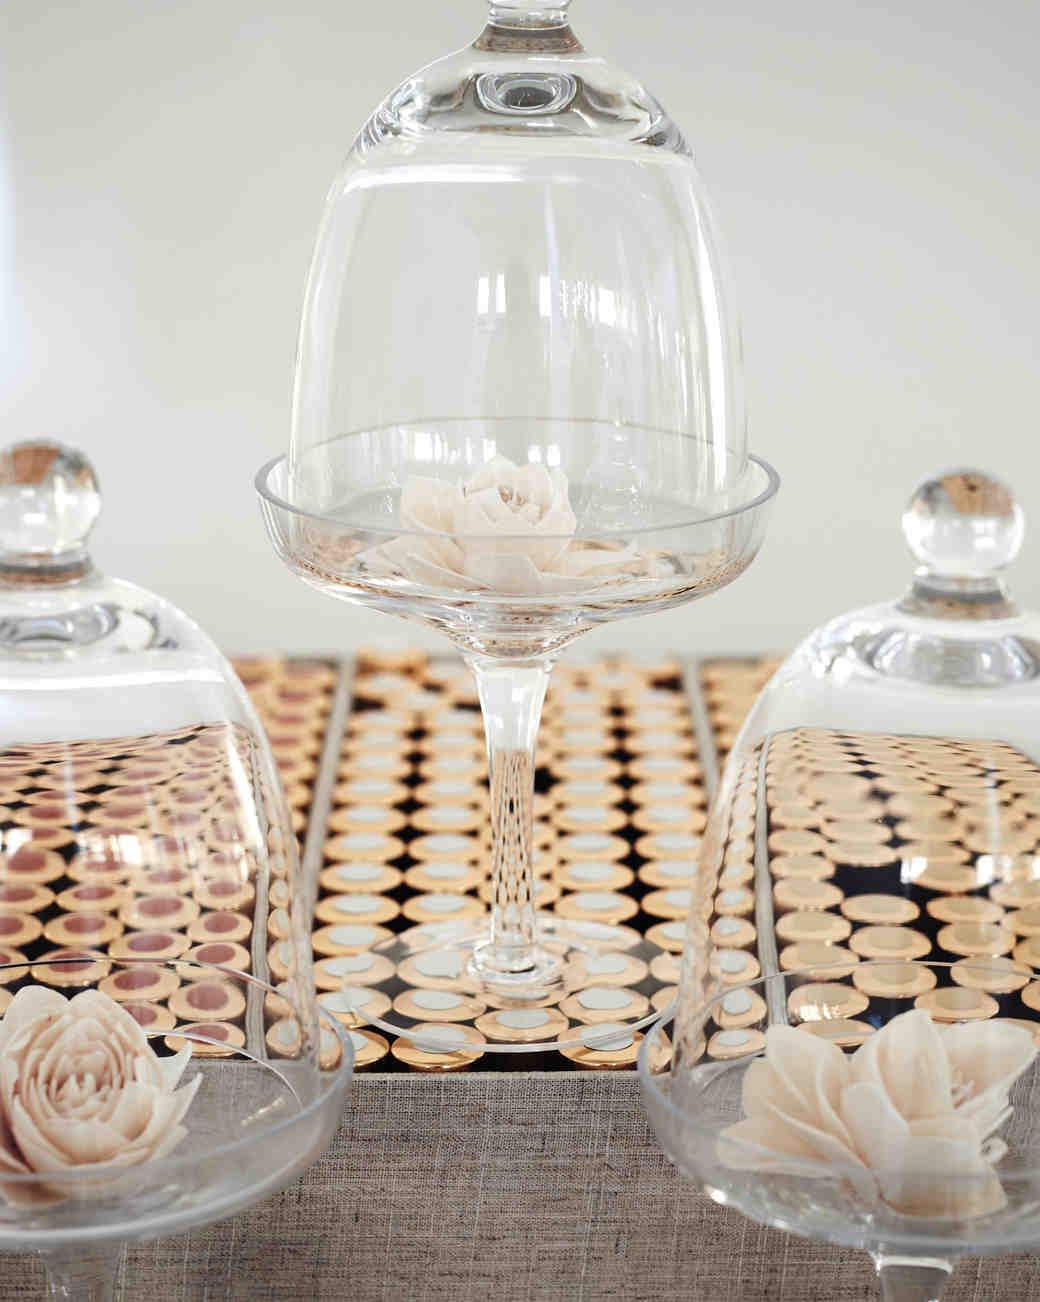 martha-weddings-party-2015-christian-oth-151012-0200-1015.jpg